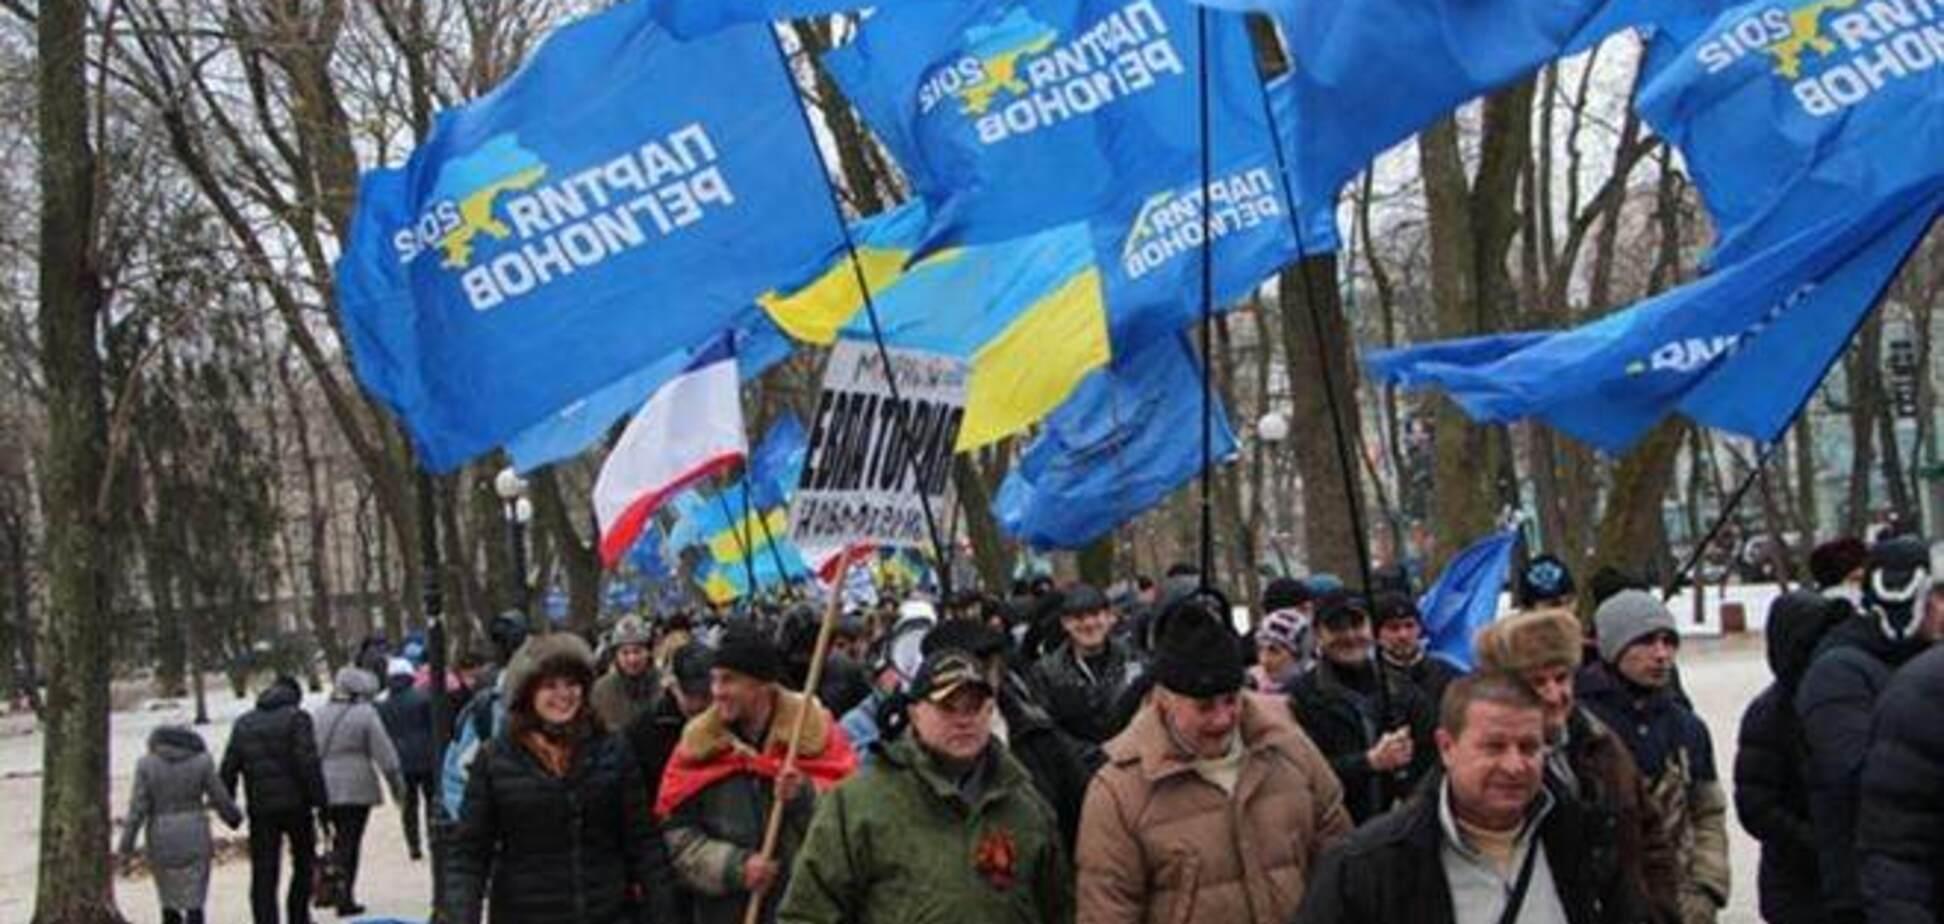 У Полтаві близько 10 тисяч людей вийшли на мітинг 'Збережемо Україну'